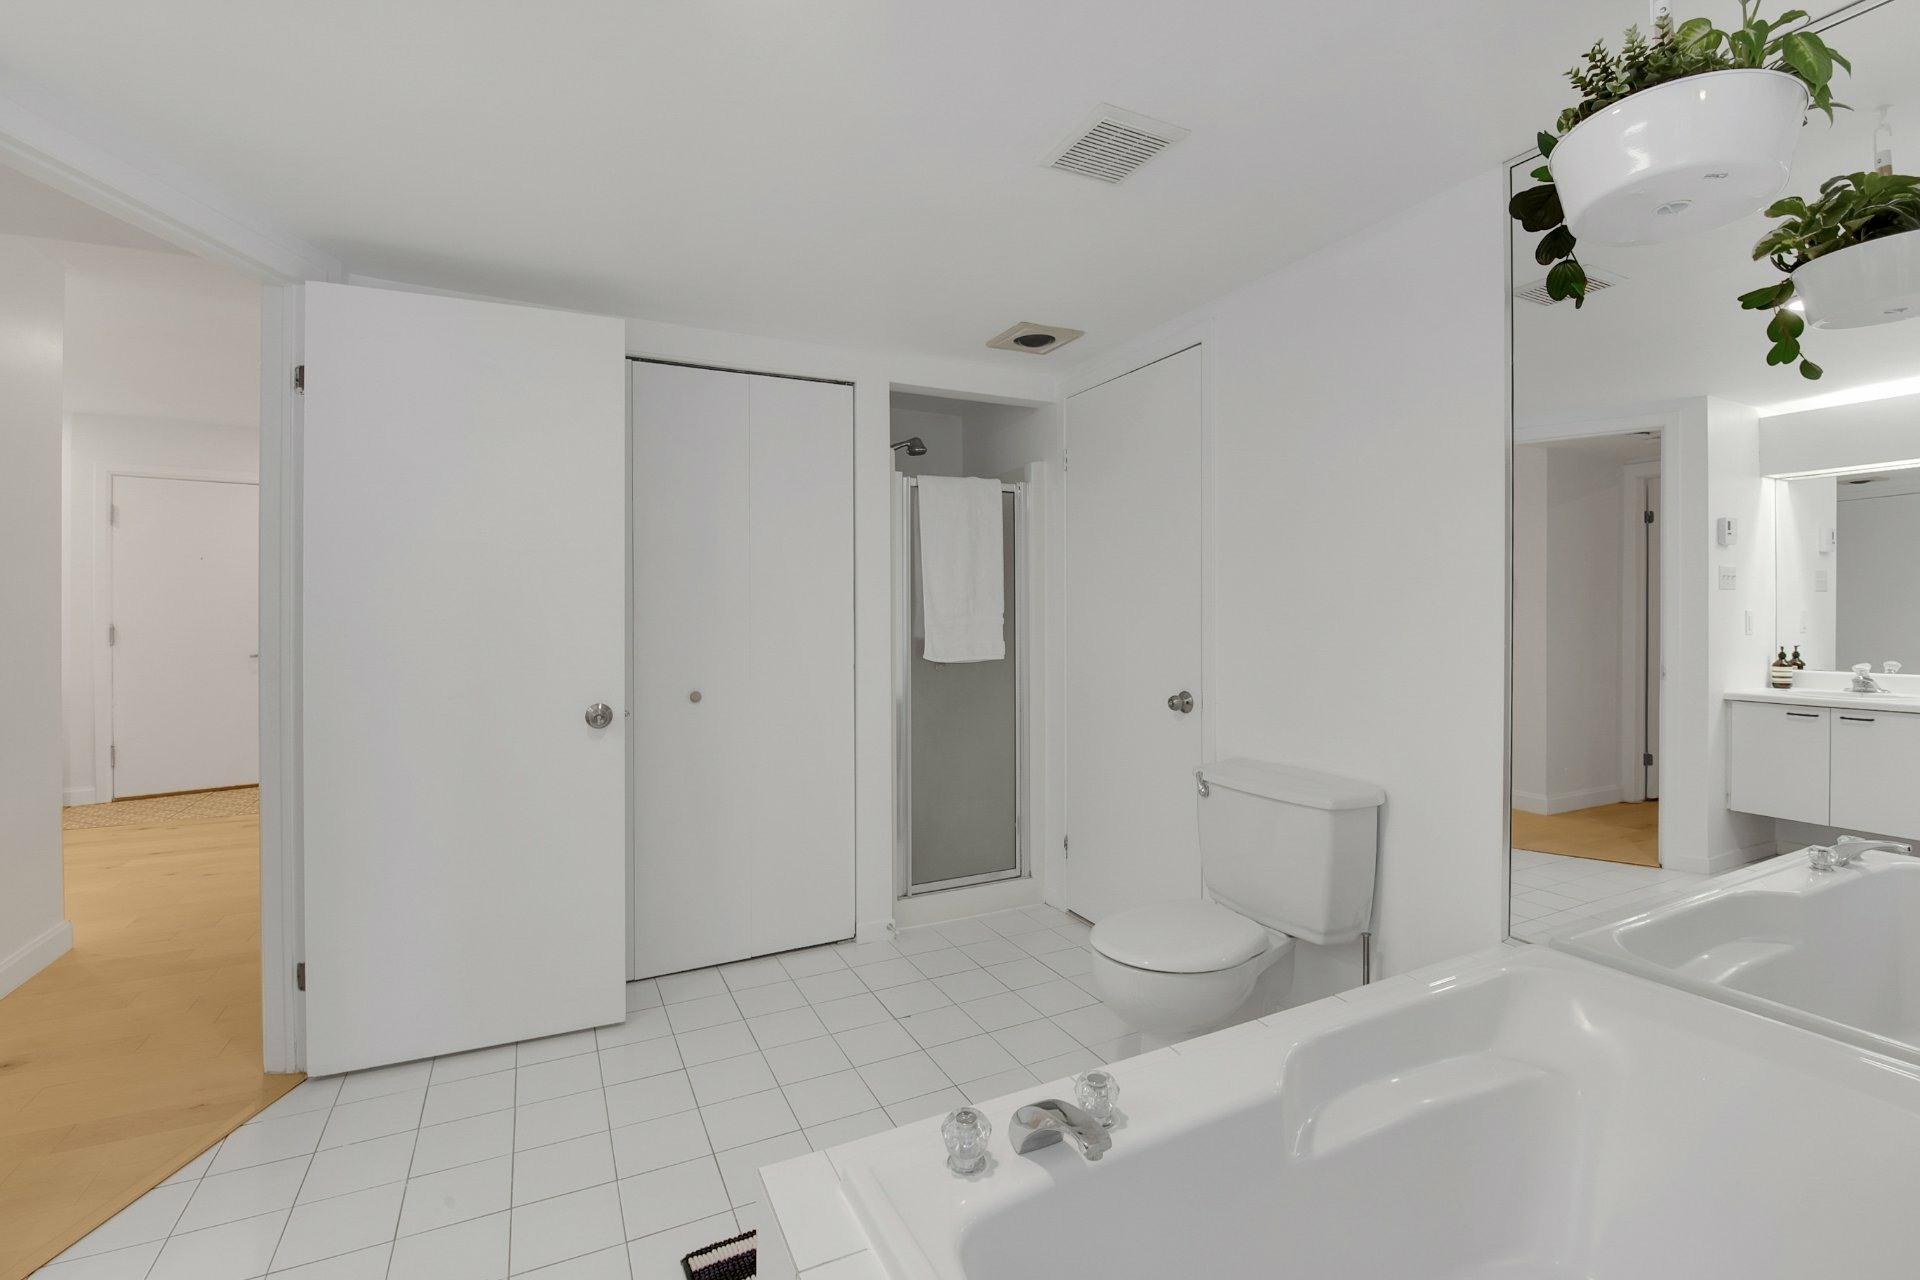 image 14 - Appartement À vendre Verdun/Île-des-Soeurs Montréal  - 7 pièces